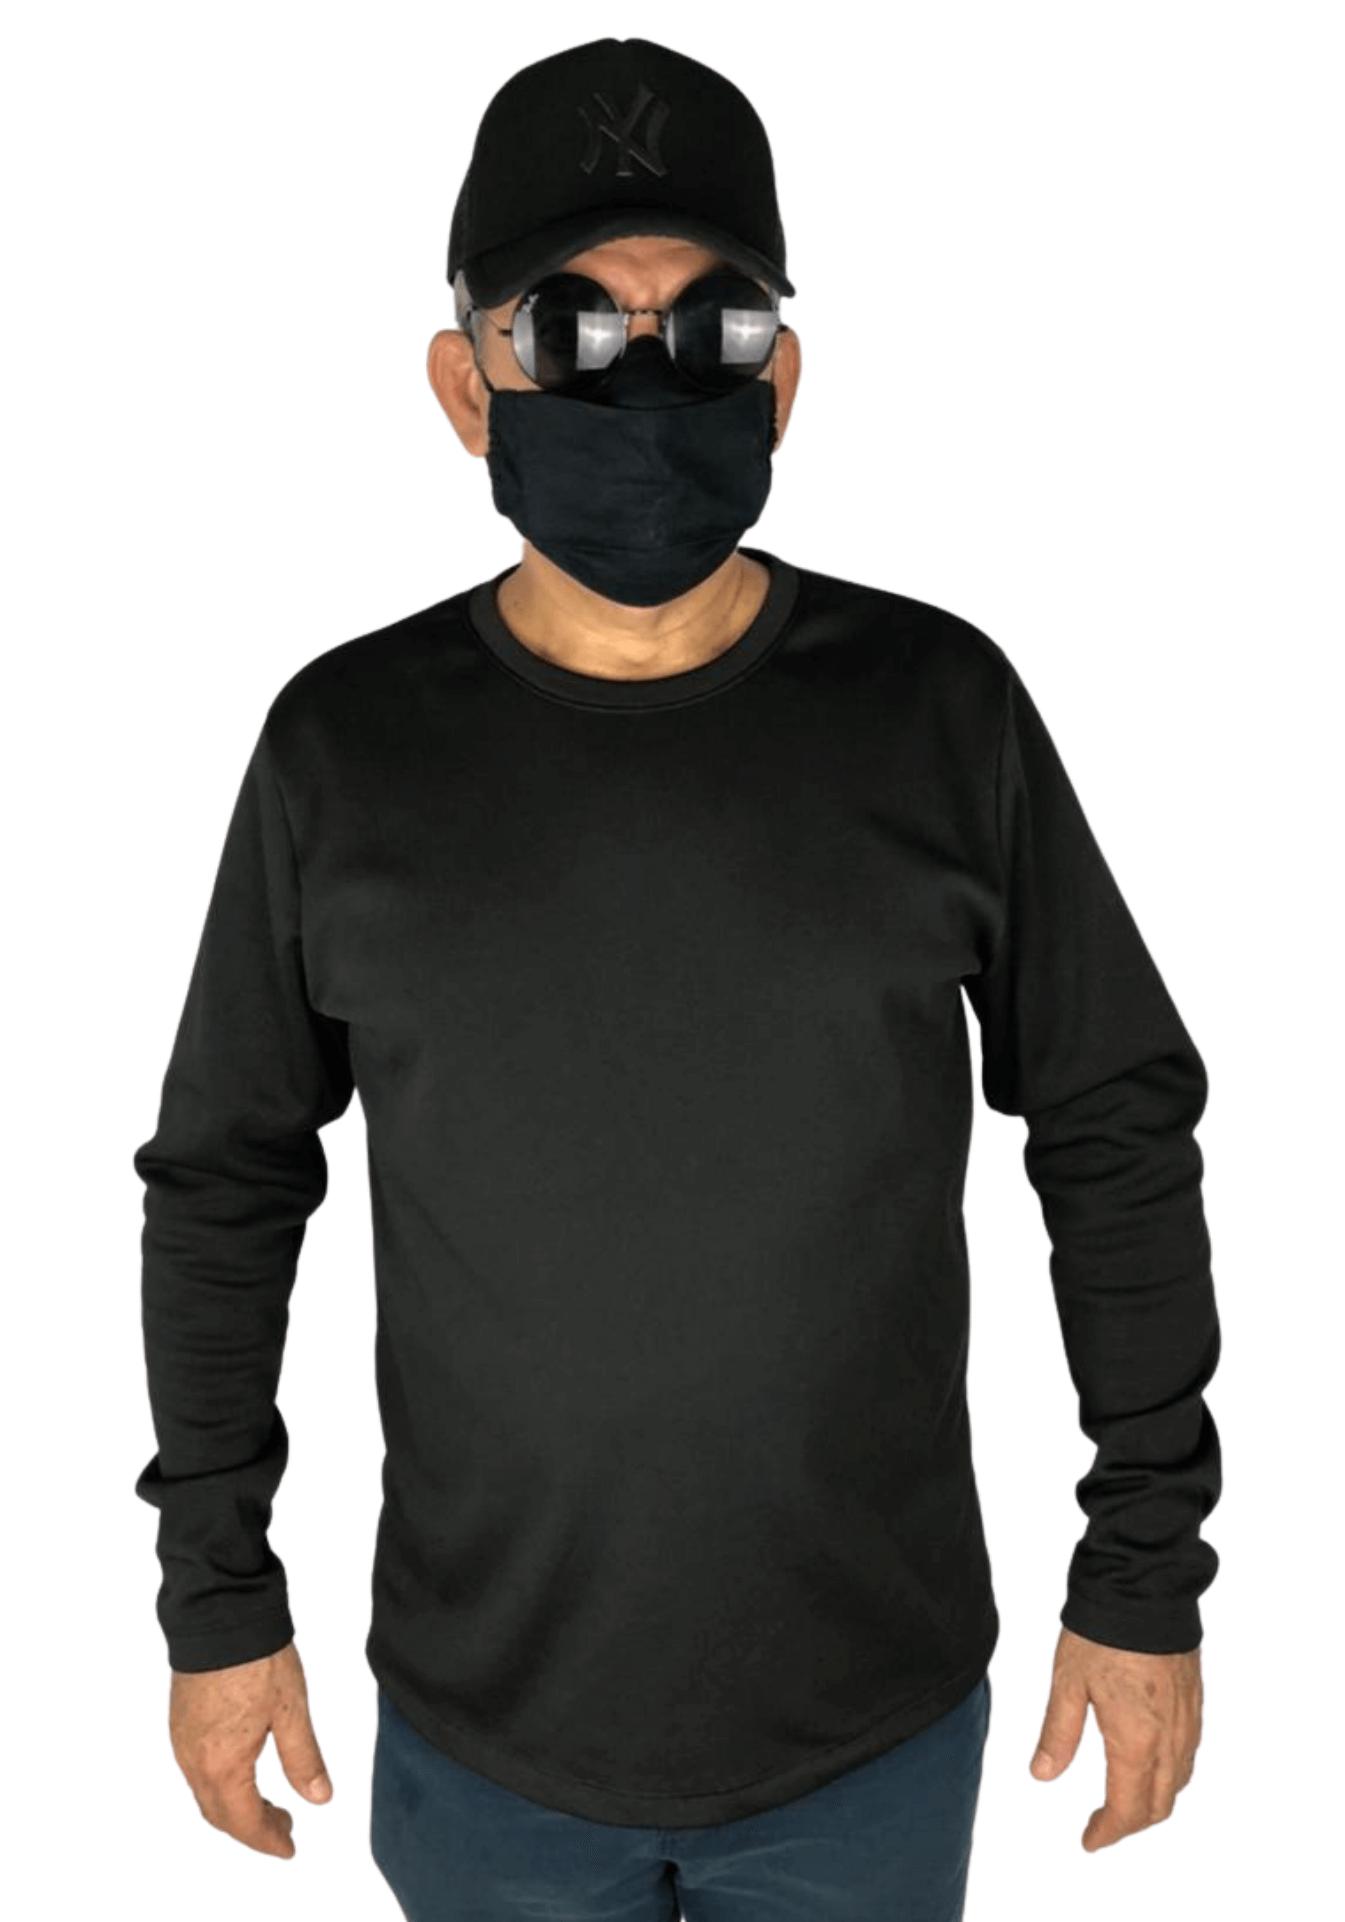 Agasalho de Moletom Flanelado - Blusão Plus Size